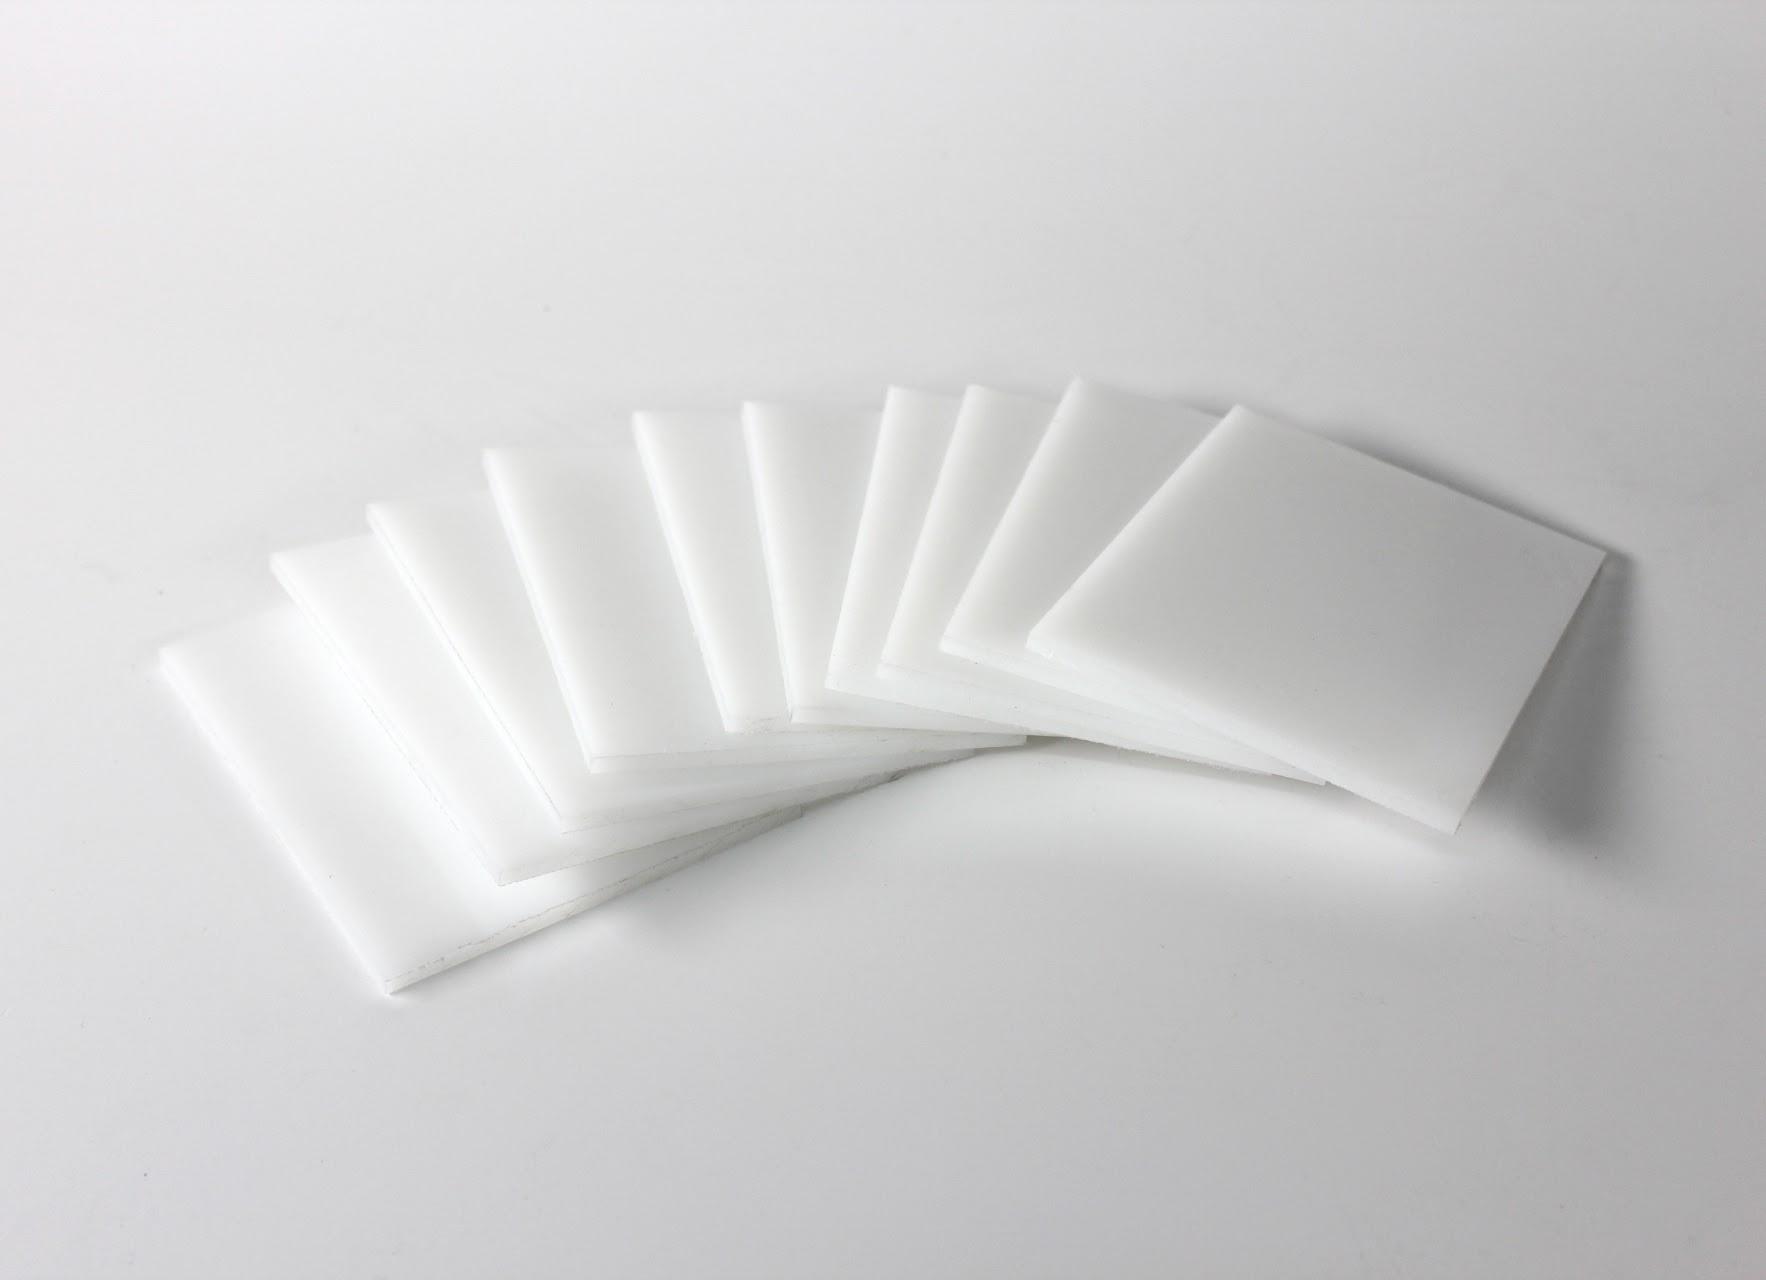 Tấm nhựa HDPE với bề mặt bóng mịn